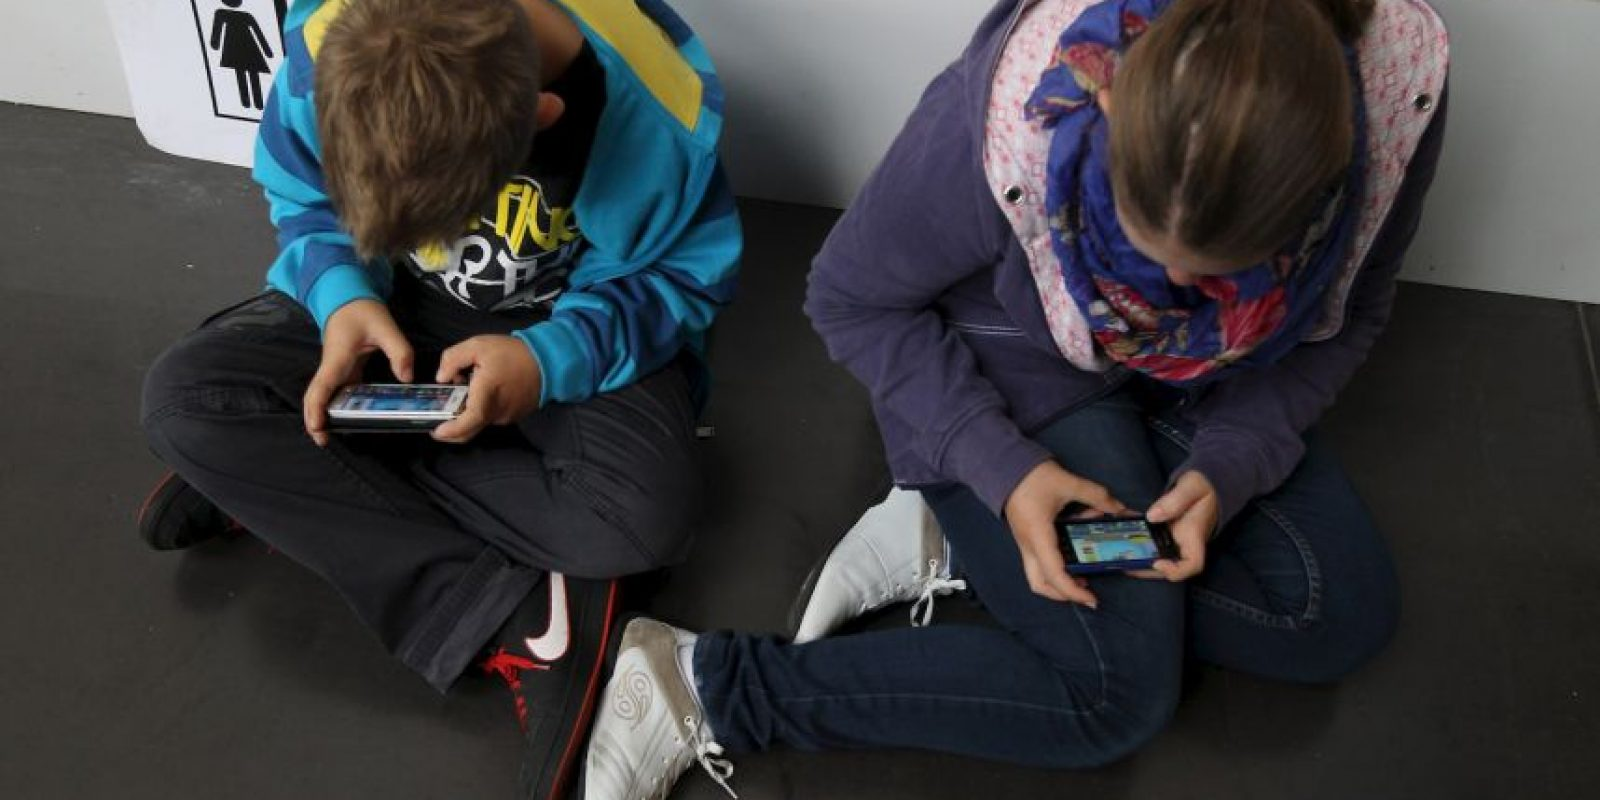 Con esta medida evitarán que personas ajenas a sus círculos sociales se pongan en contacto con ustedes Foto:Getty Images